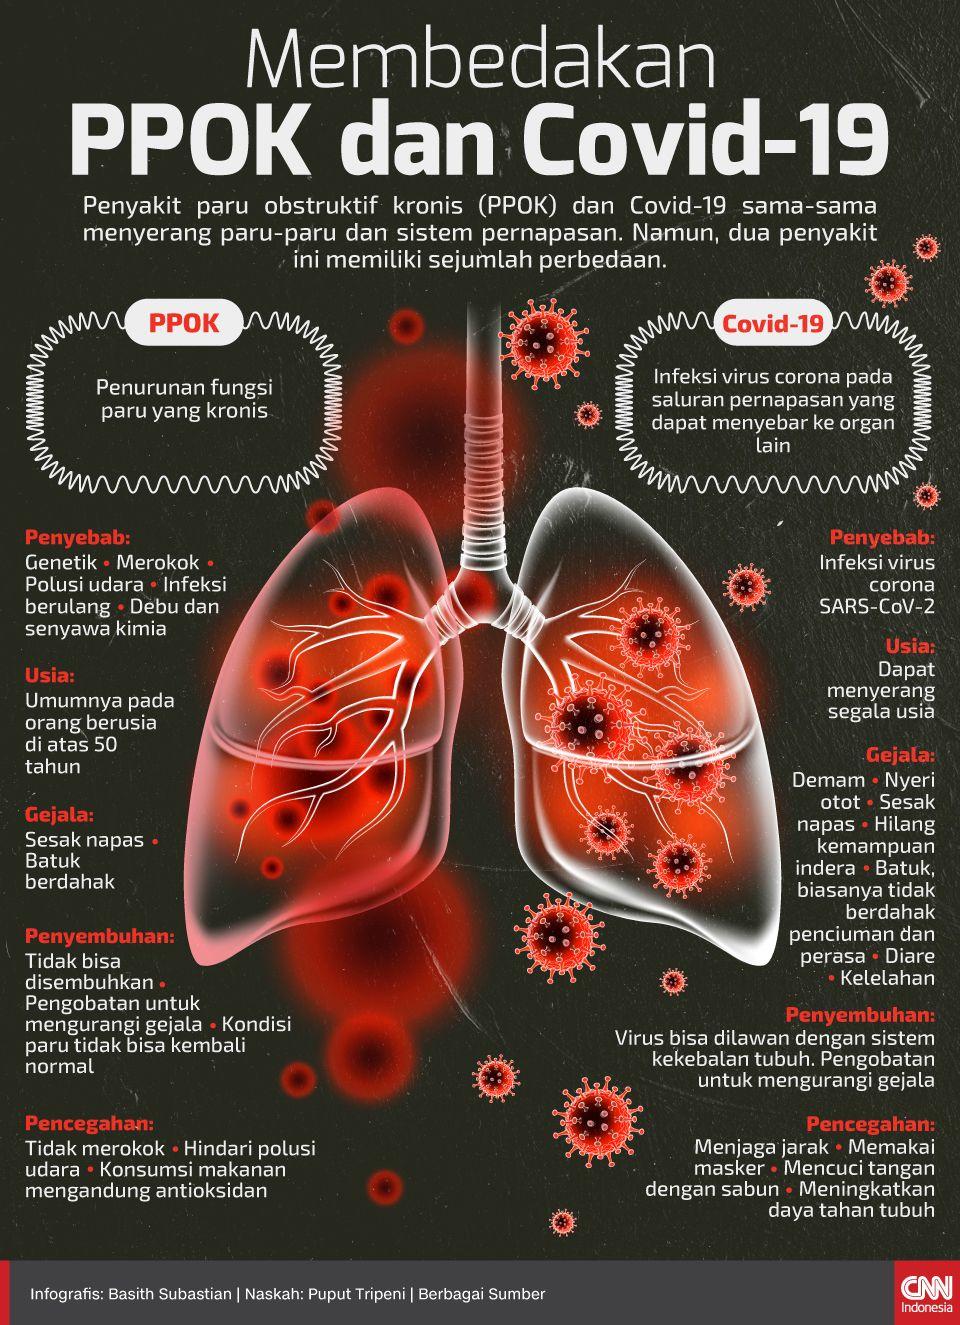 Infografis Membedakan PPOK dan Covid-19